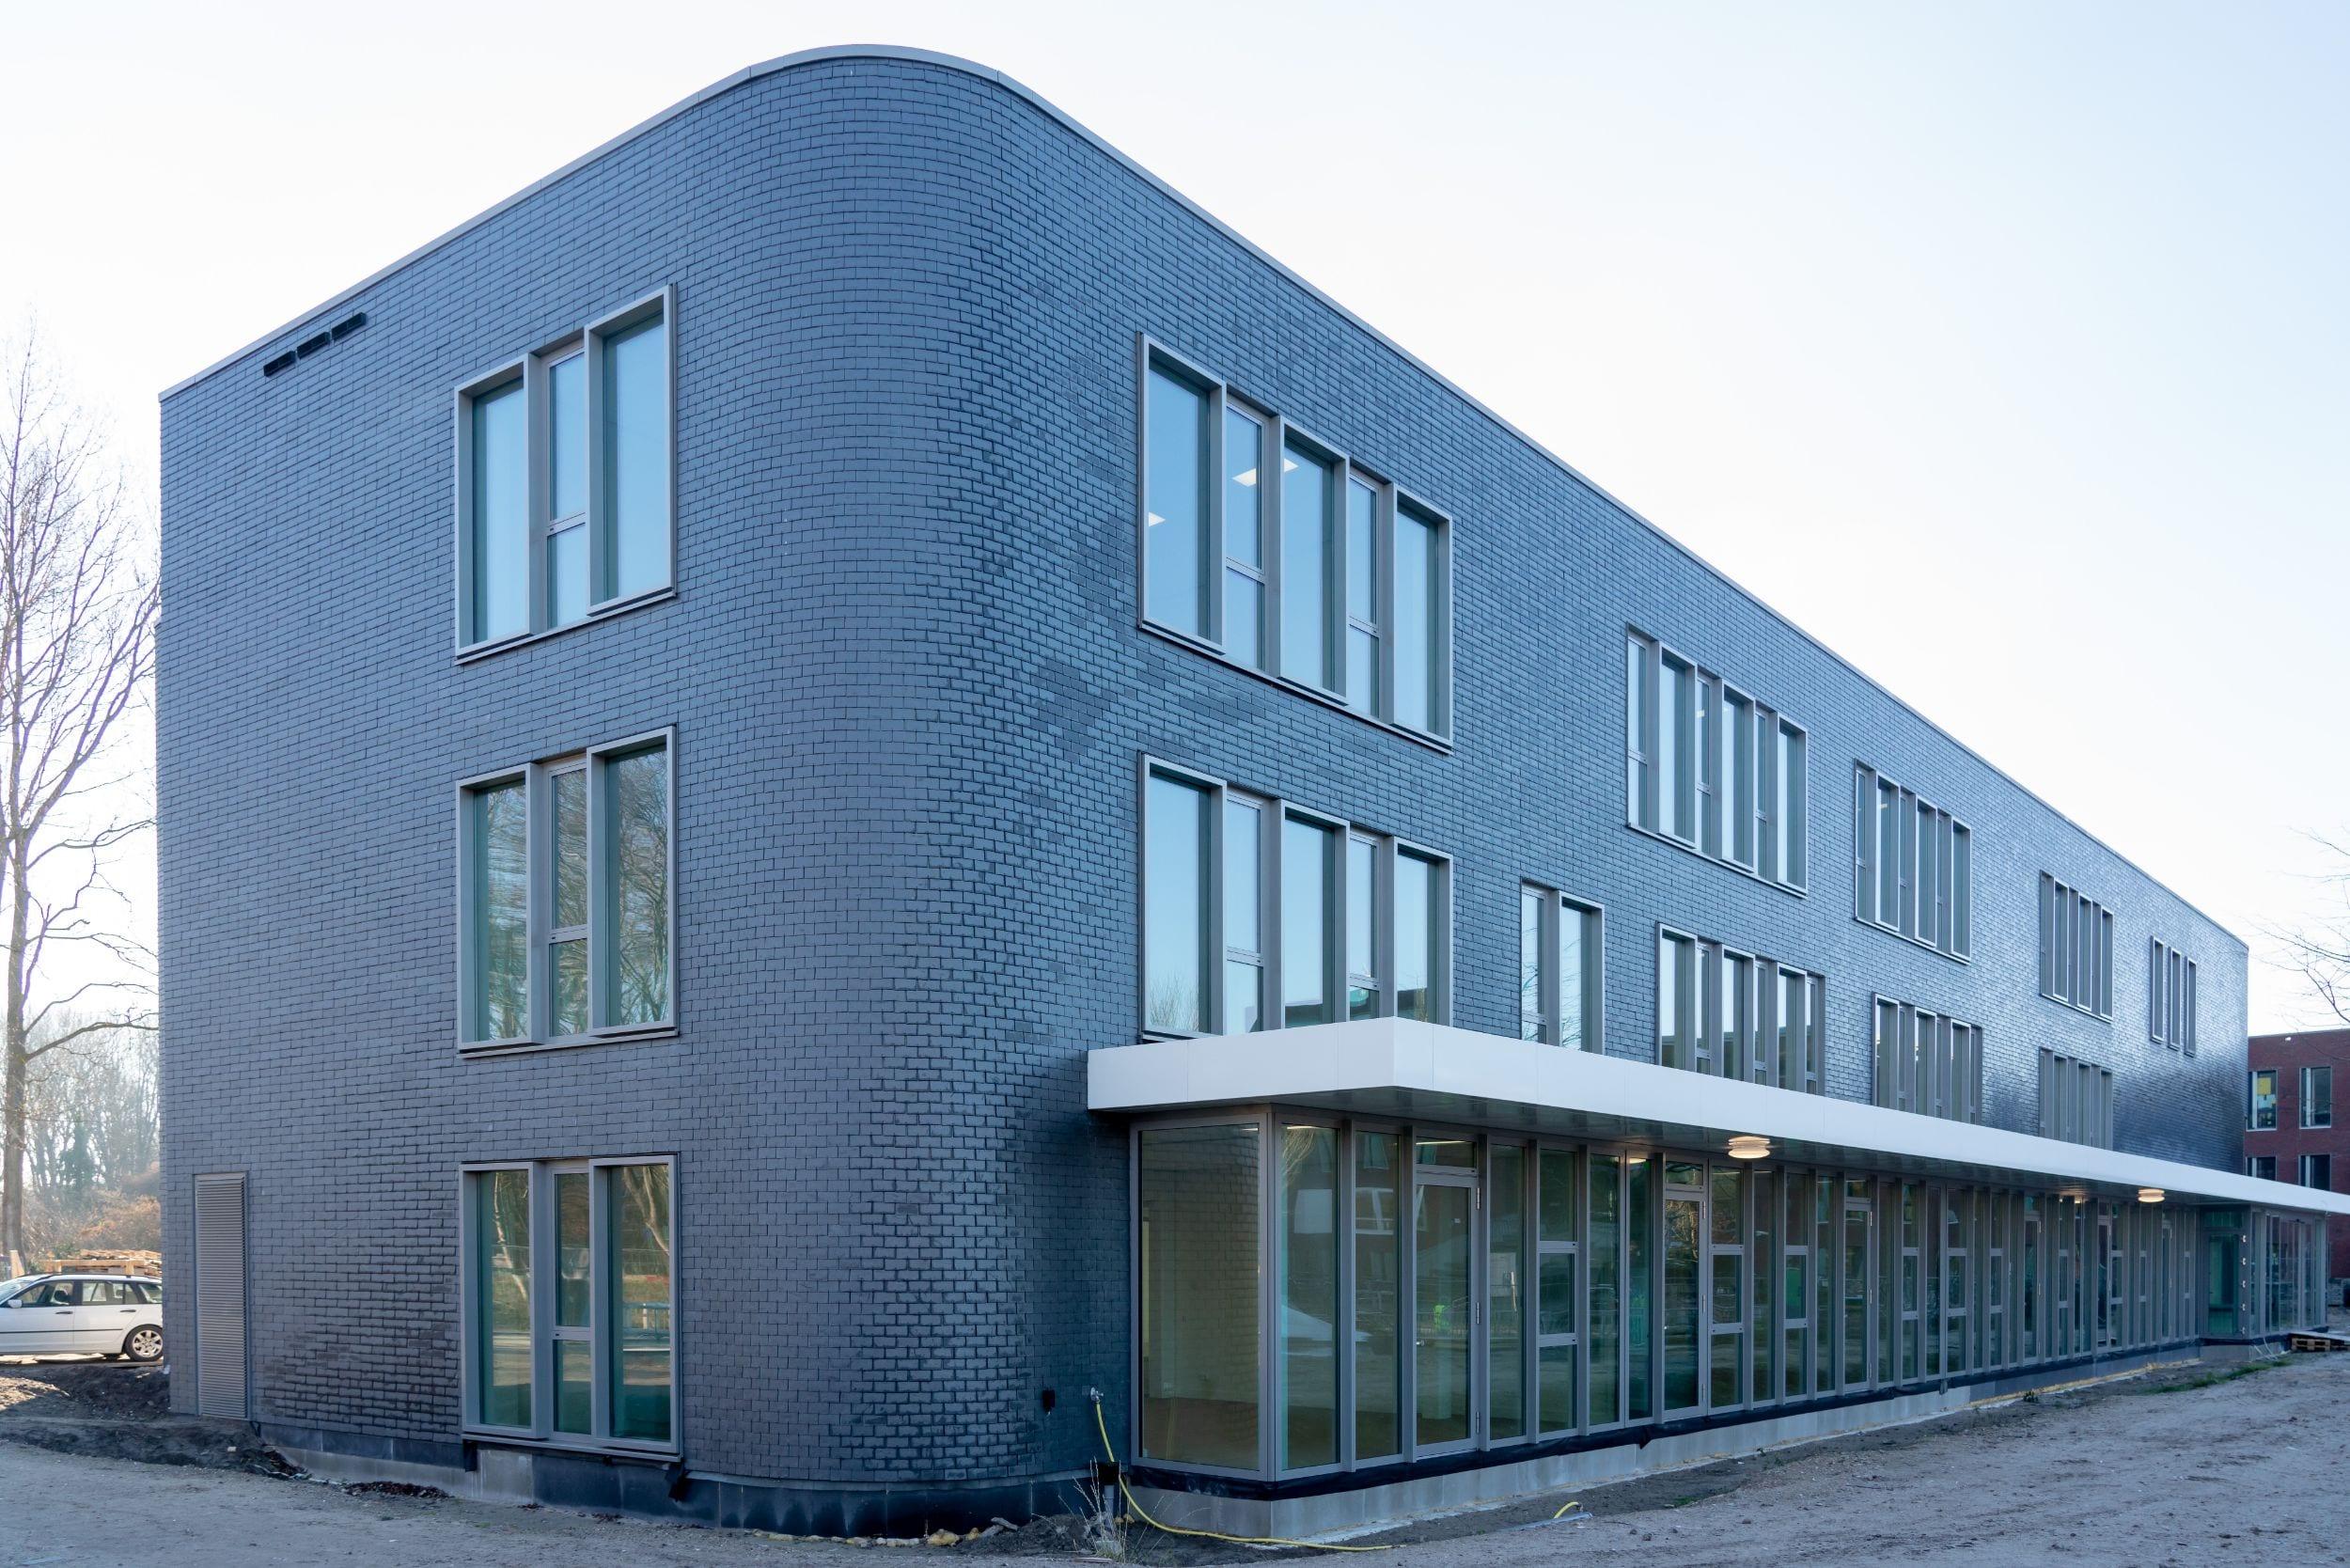 Nieuwbouw Int. School of The Hague